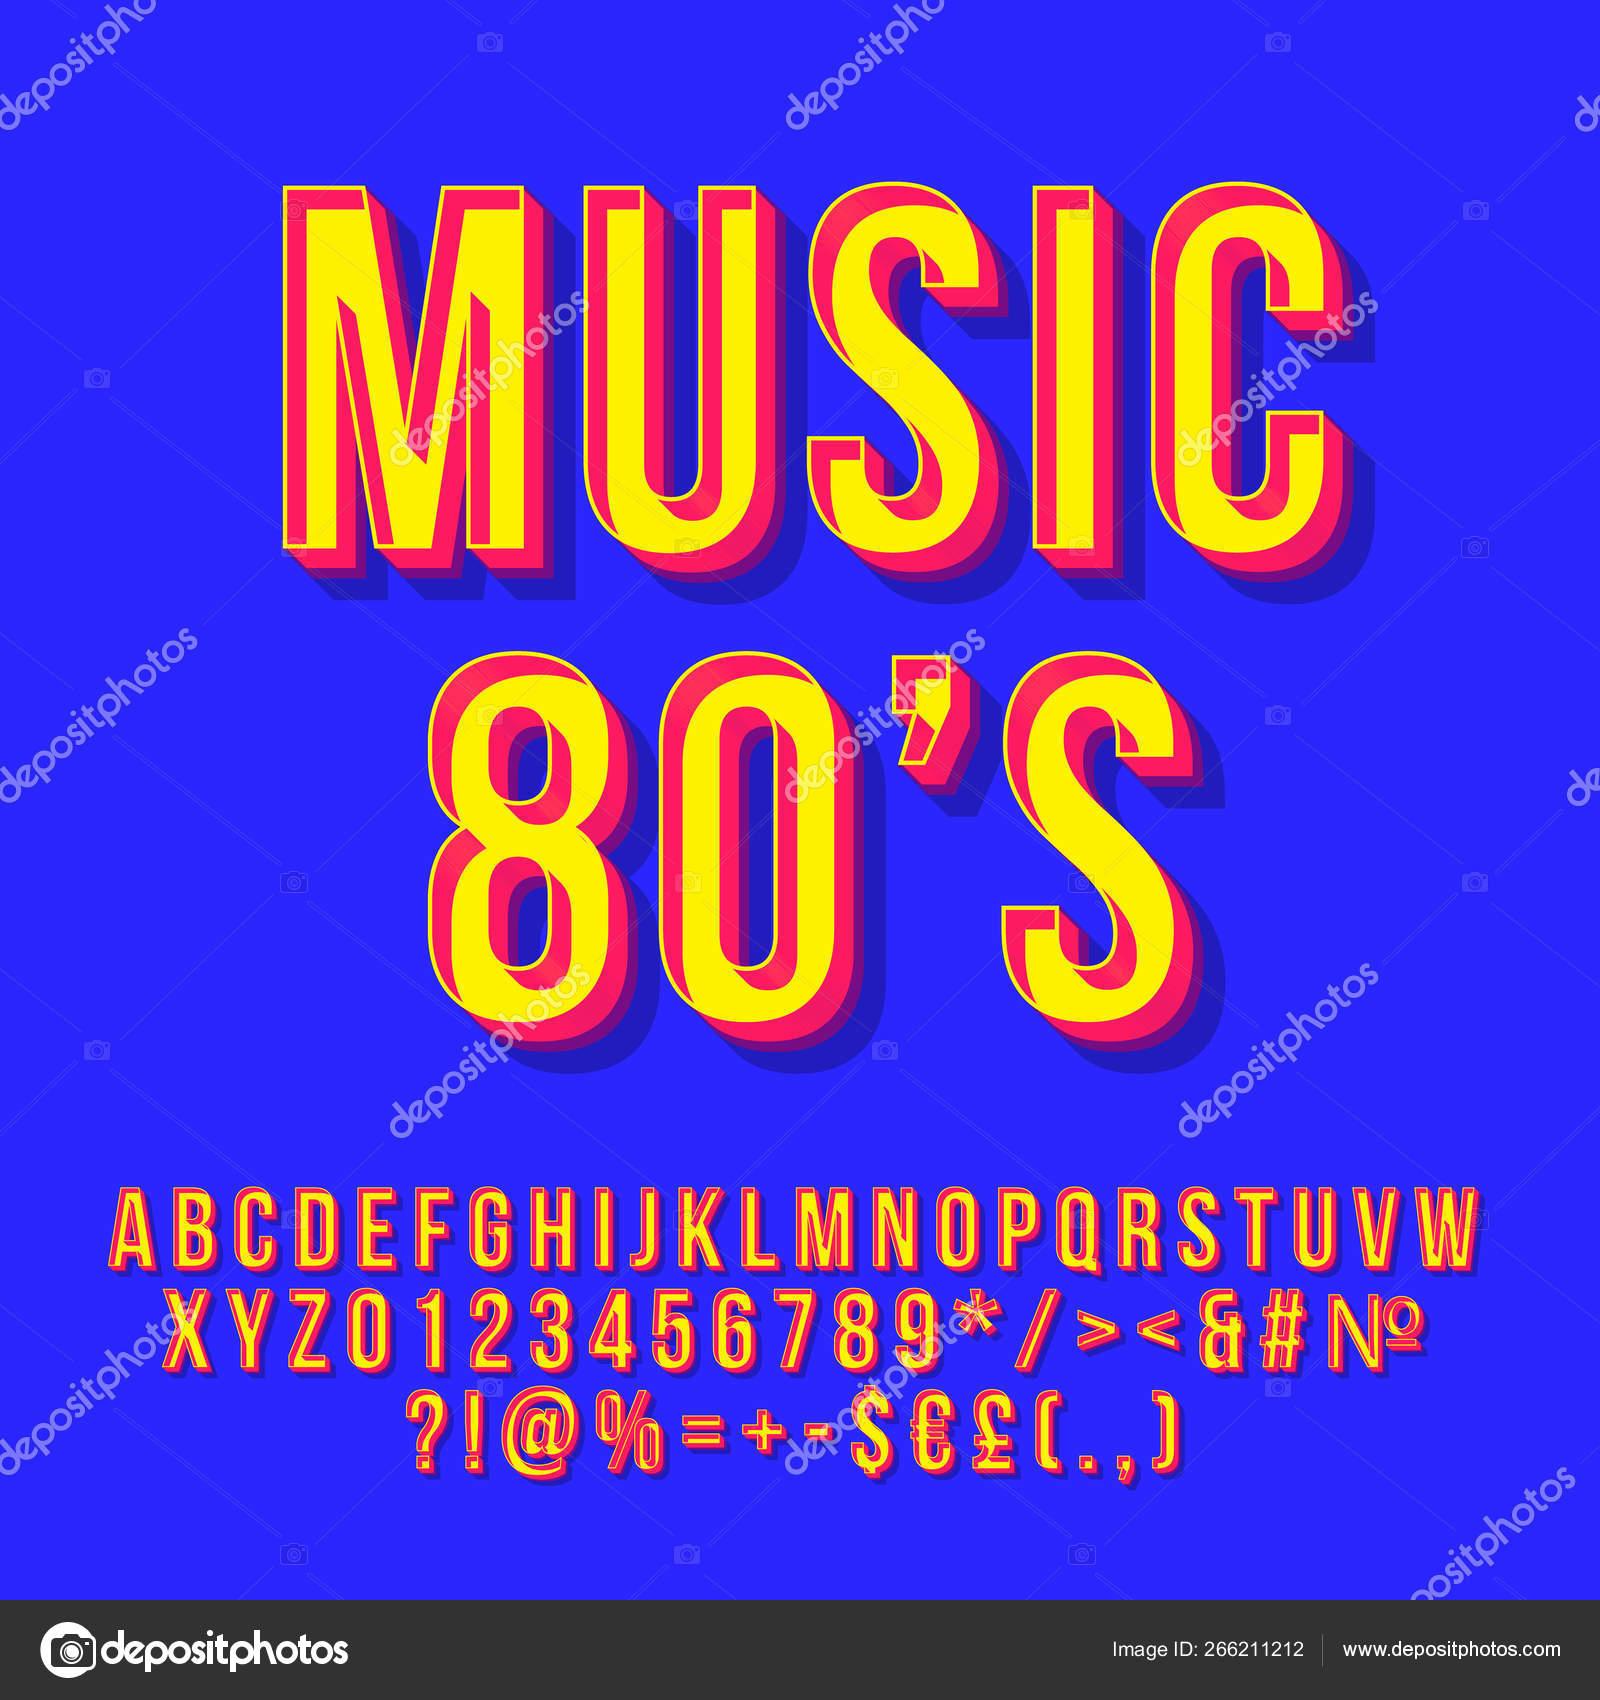 musik 80 jahre